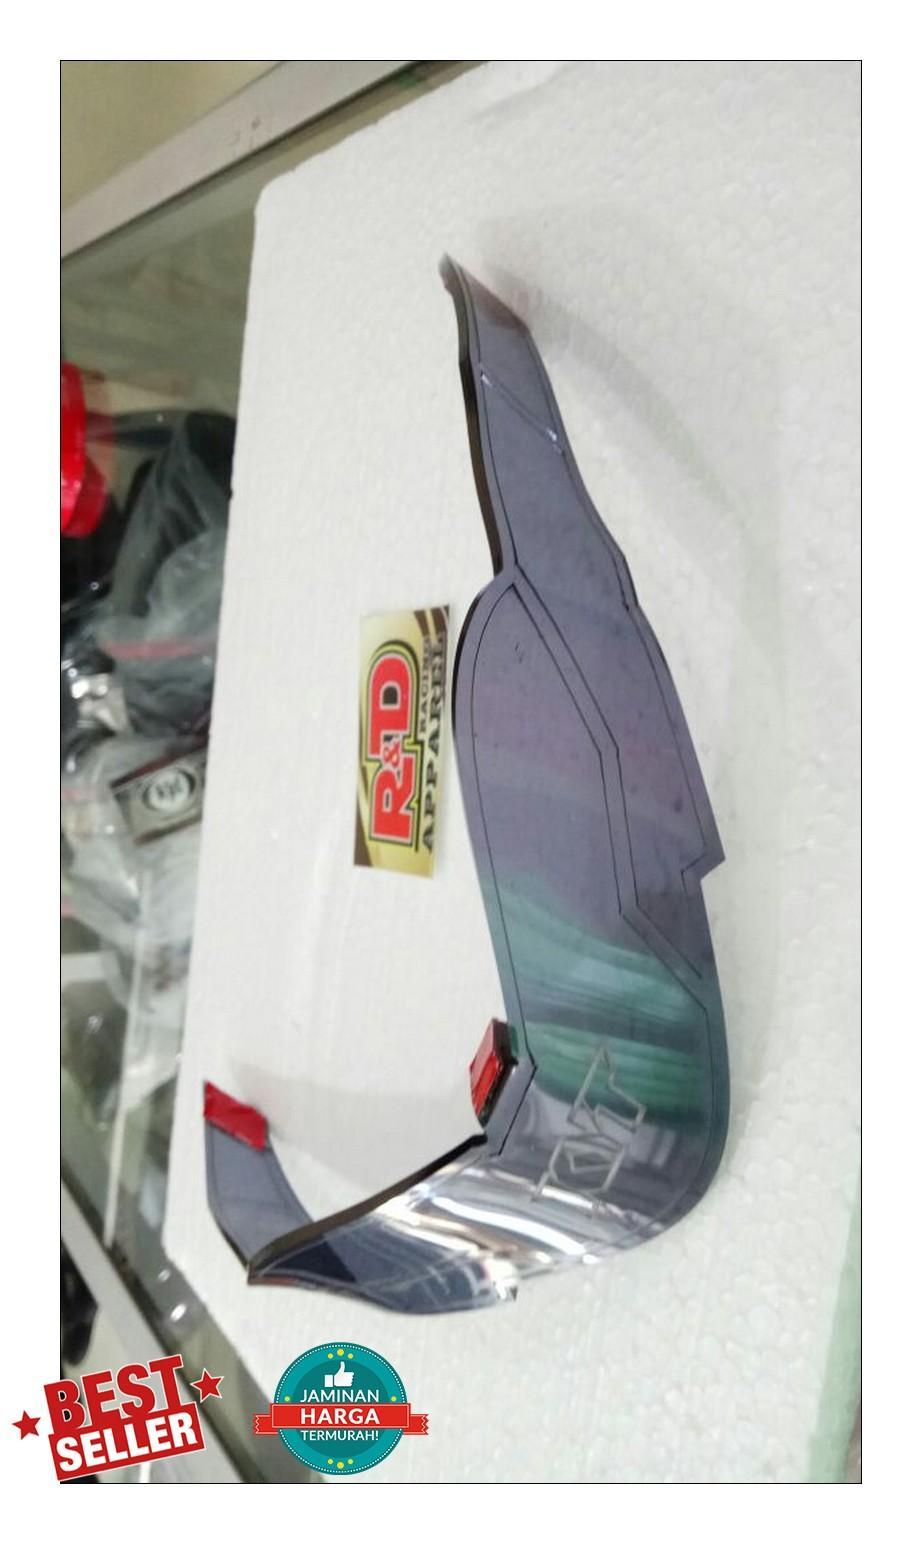 Harga Cargloss Racer Spoiler Devil Silver Terbaru Review Ulasan Evaporator Bmw New X5 Ori Behr Kyt K2 Rider